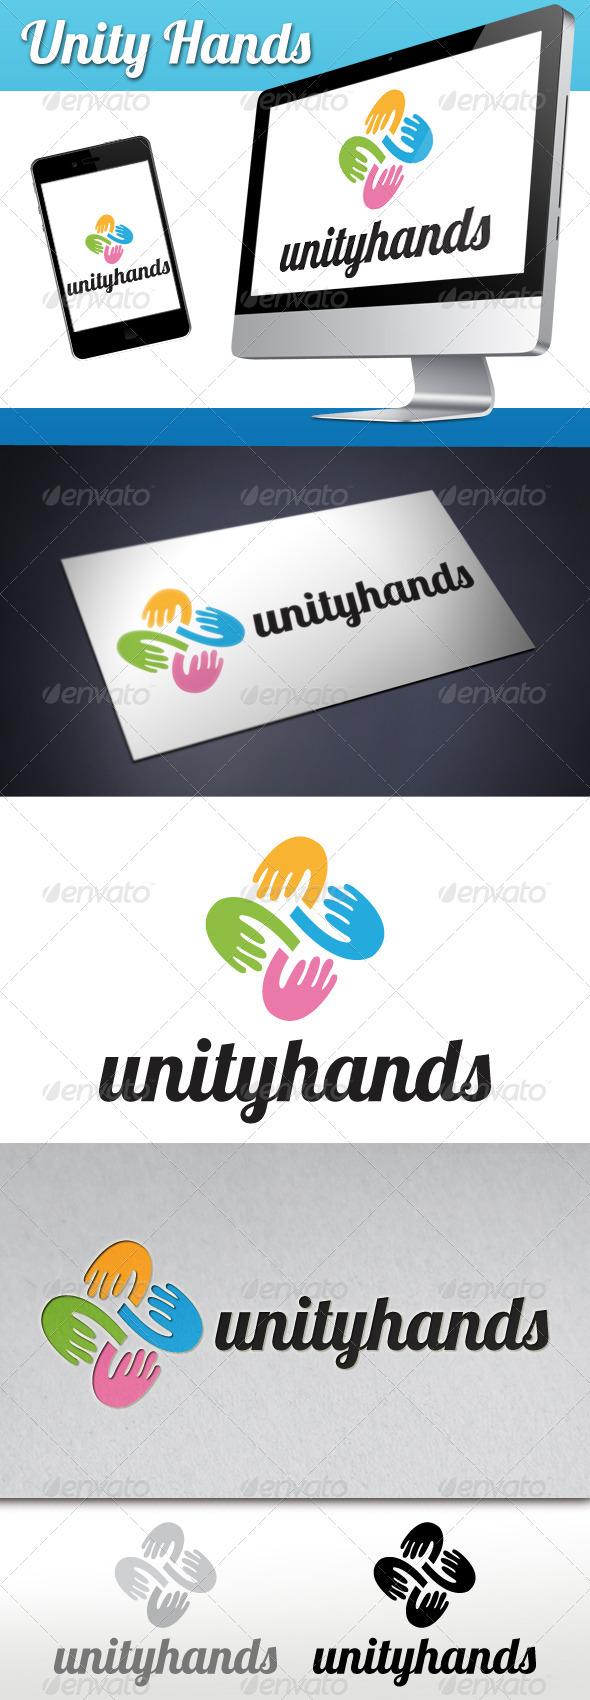 GraphicRiver Unity Hands Logo 3361237